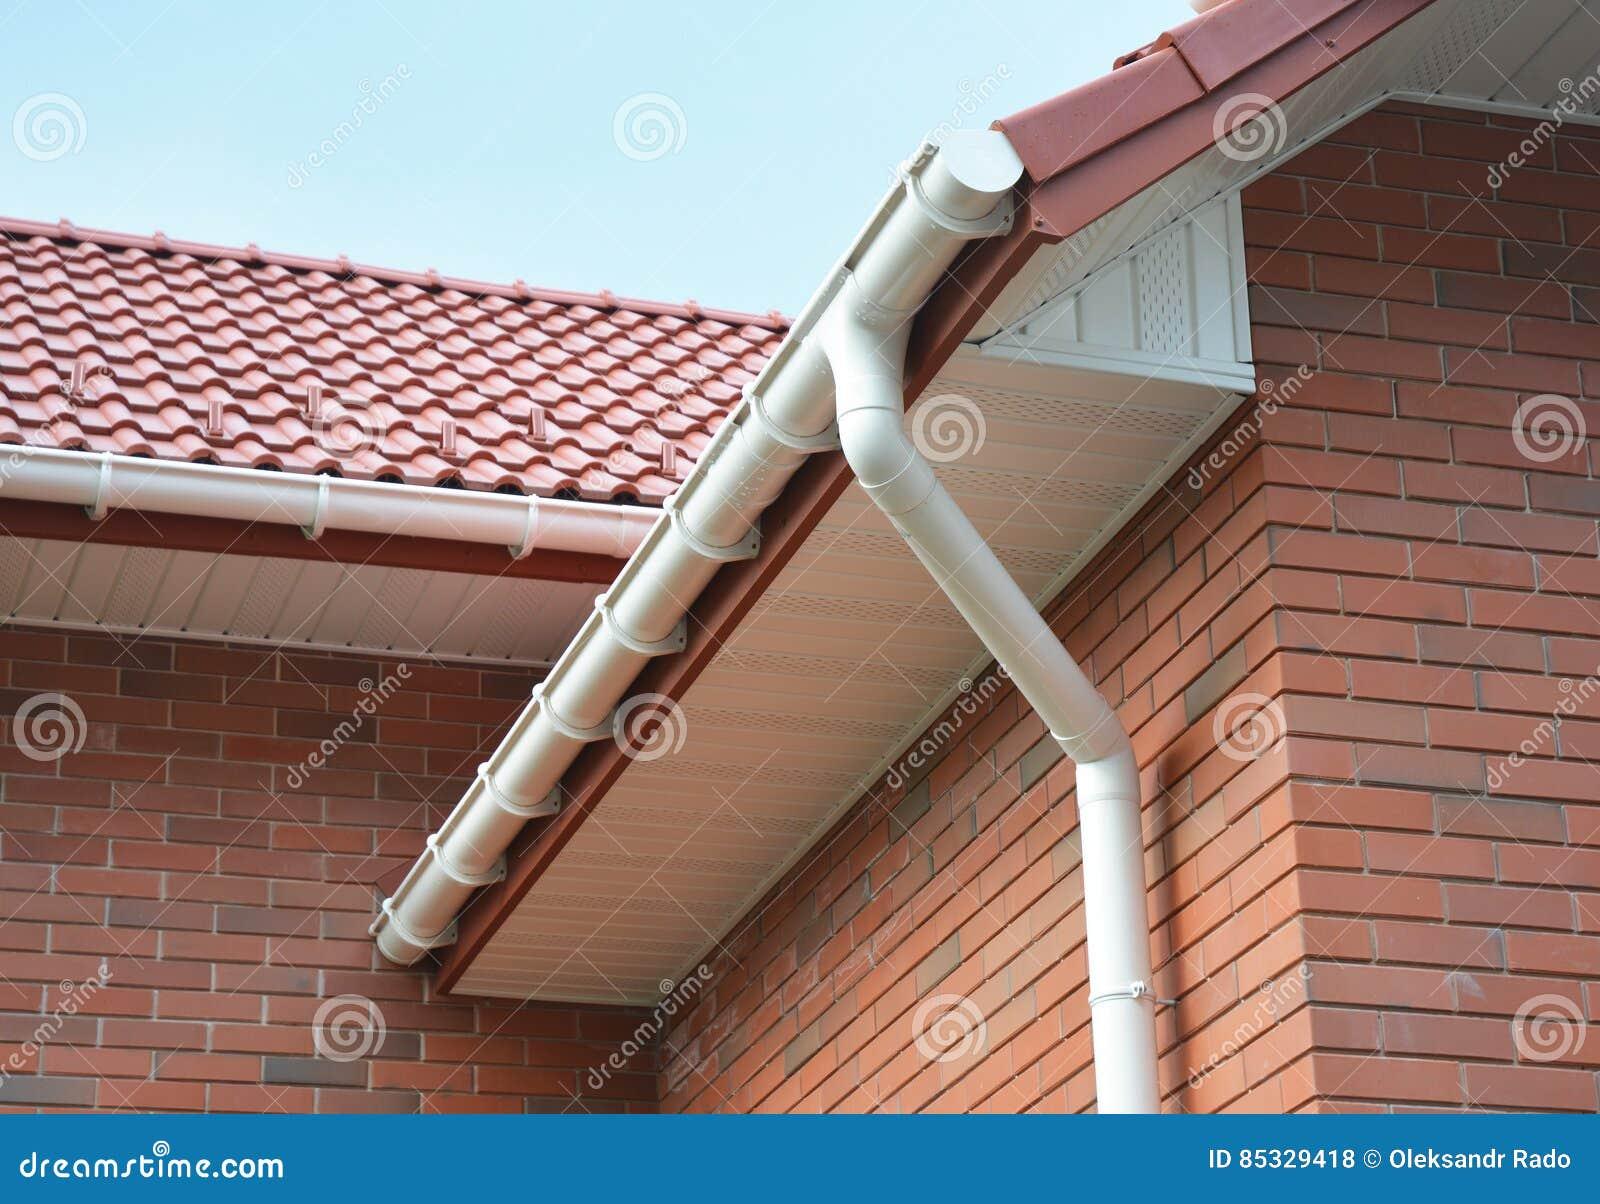 Προβληματικές περιοχές σπιτιών για τη στεγανοποίηση υδρορροών βροχής υπαίθρια Σπίτι Guttering, υδρορροές, πλαστικό σύστημα Gutter